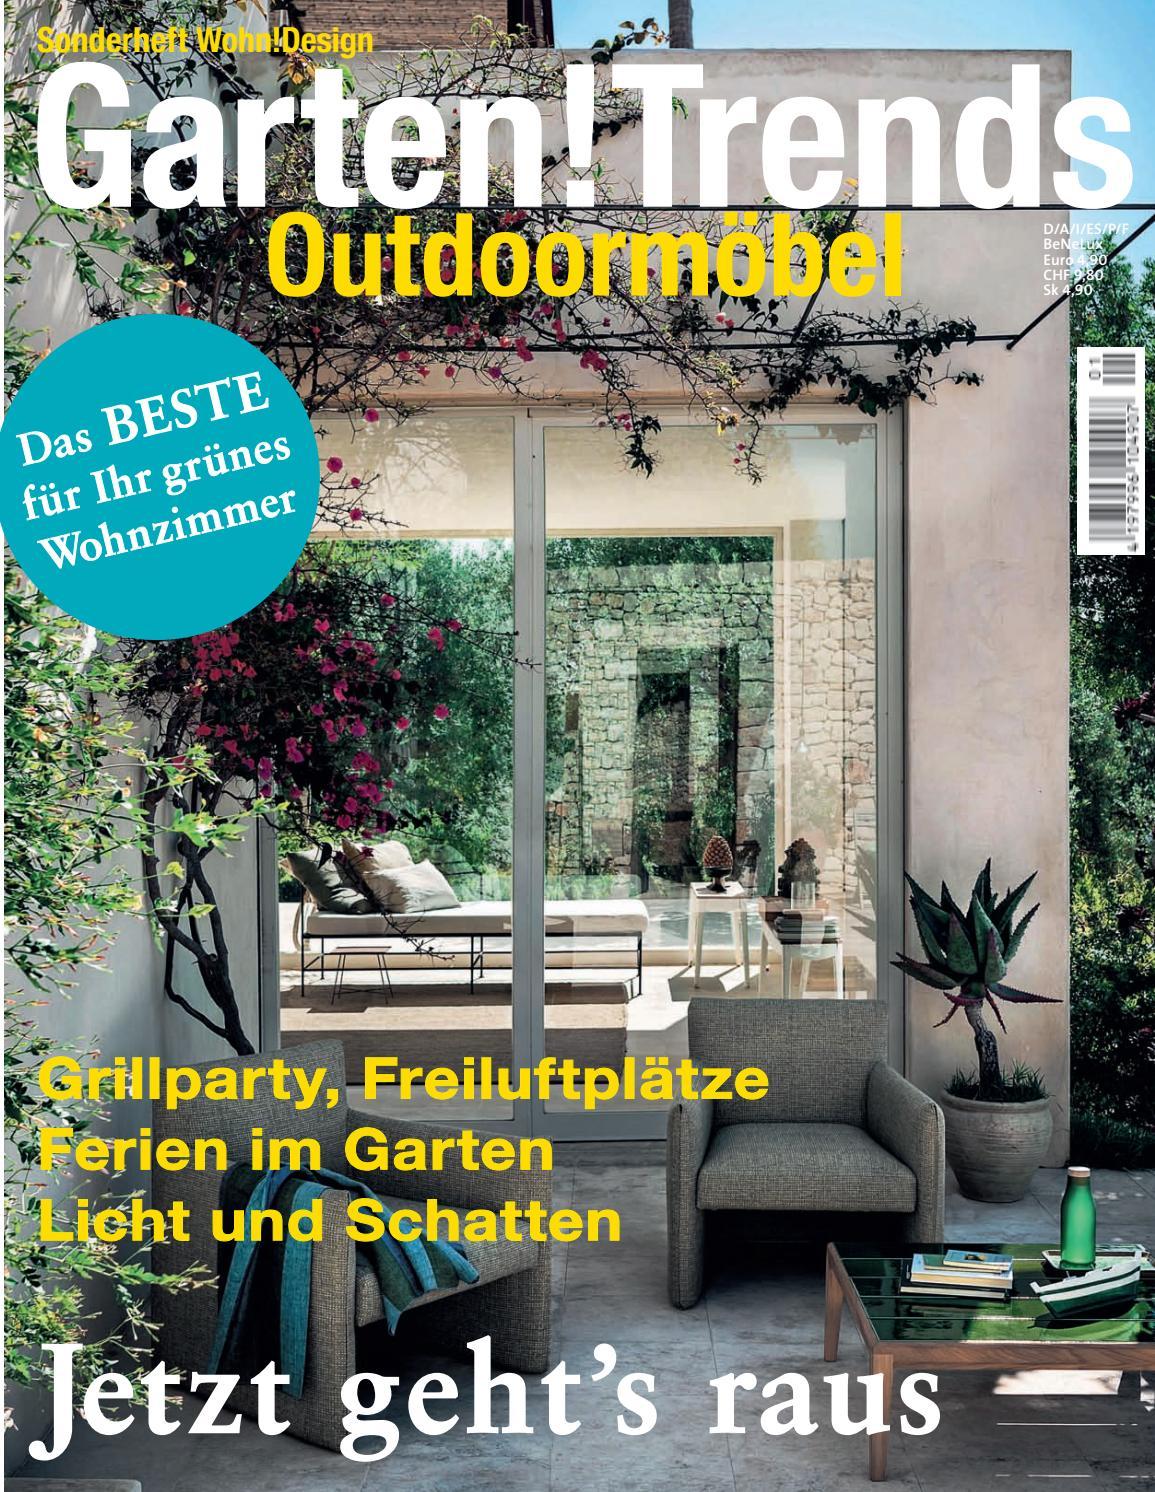 Garten!trends 2016 By Wohn!design - Issuu Italienische Feuerschale Ak47